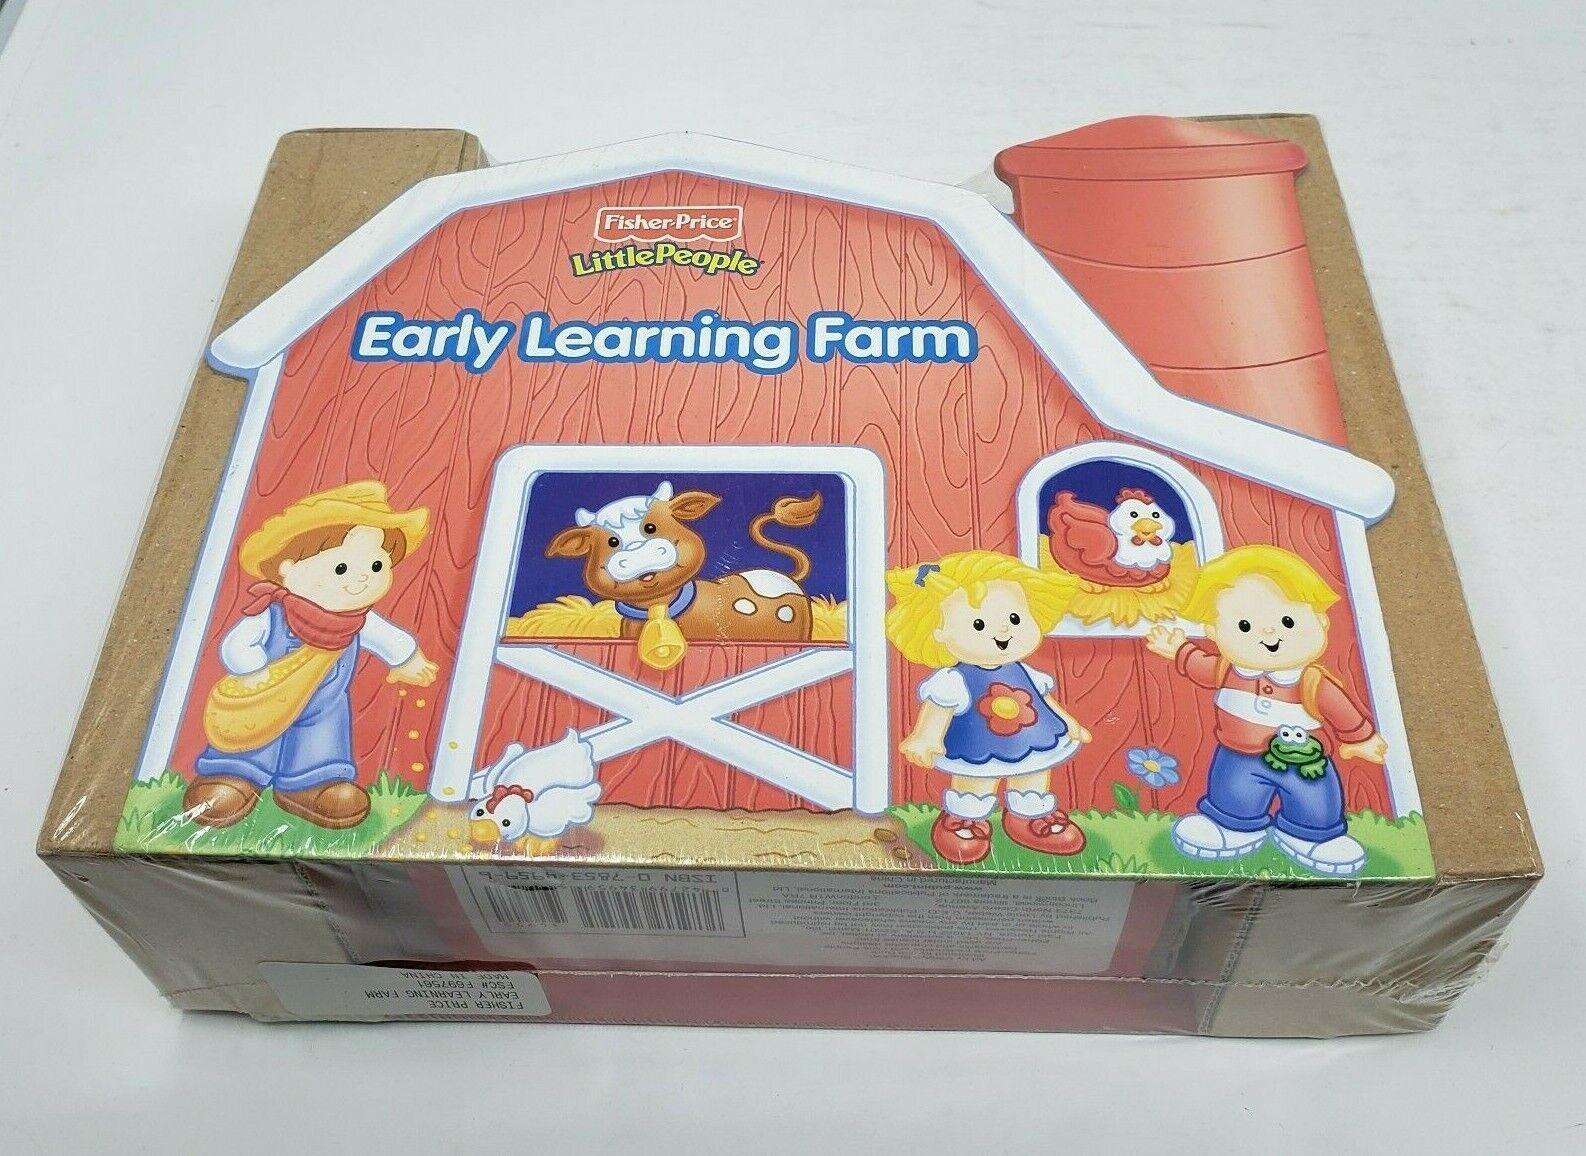 Fisher Price liten människor Early Learning Farm 8 Mini Board boks bildboard Barn